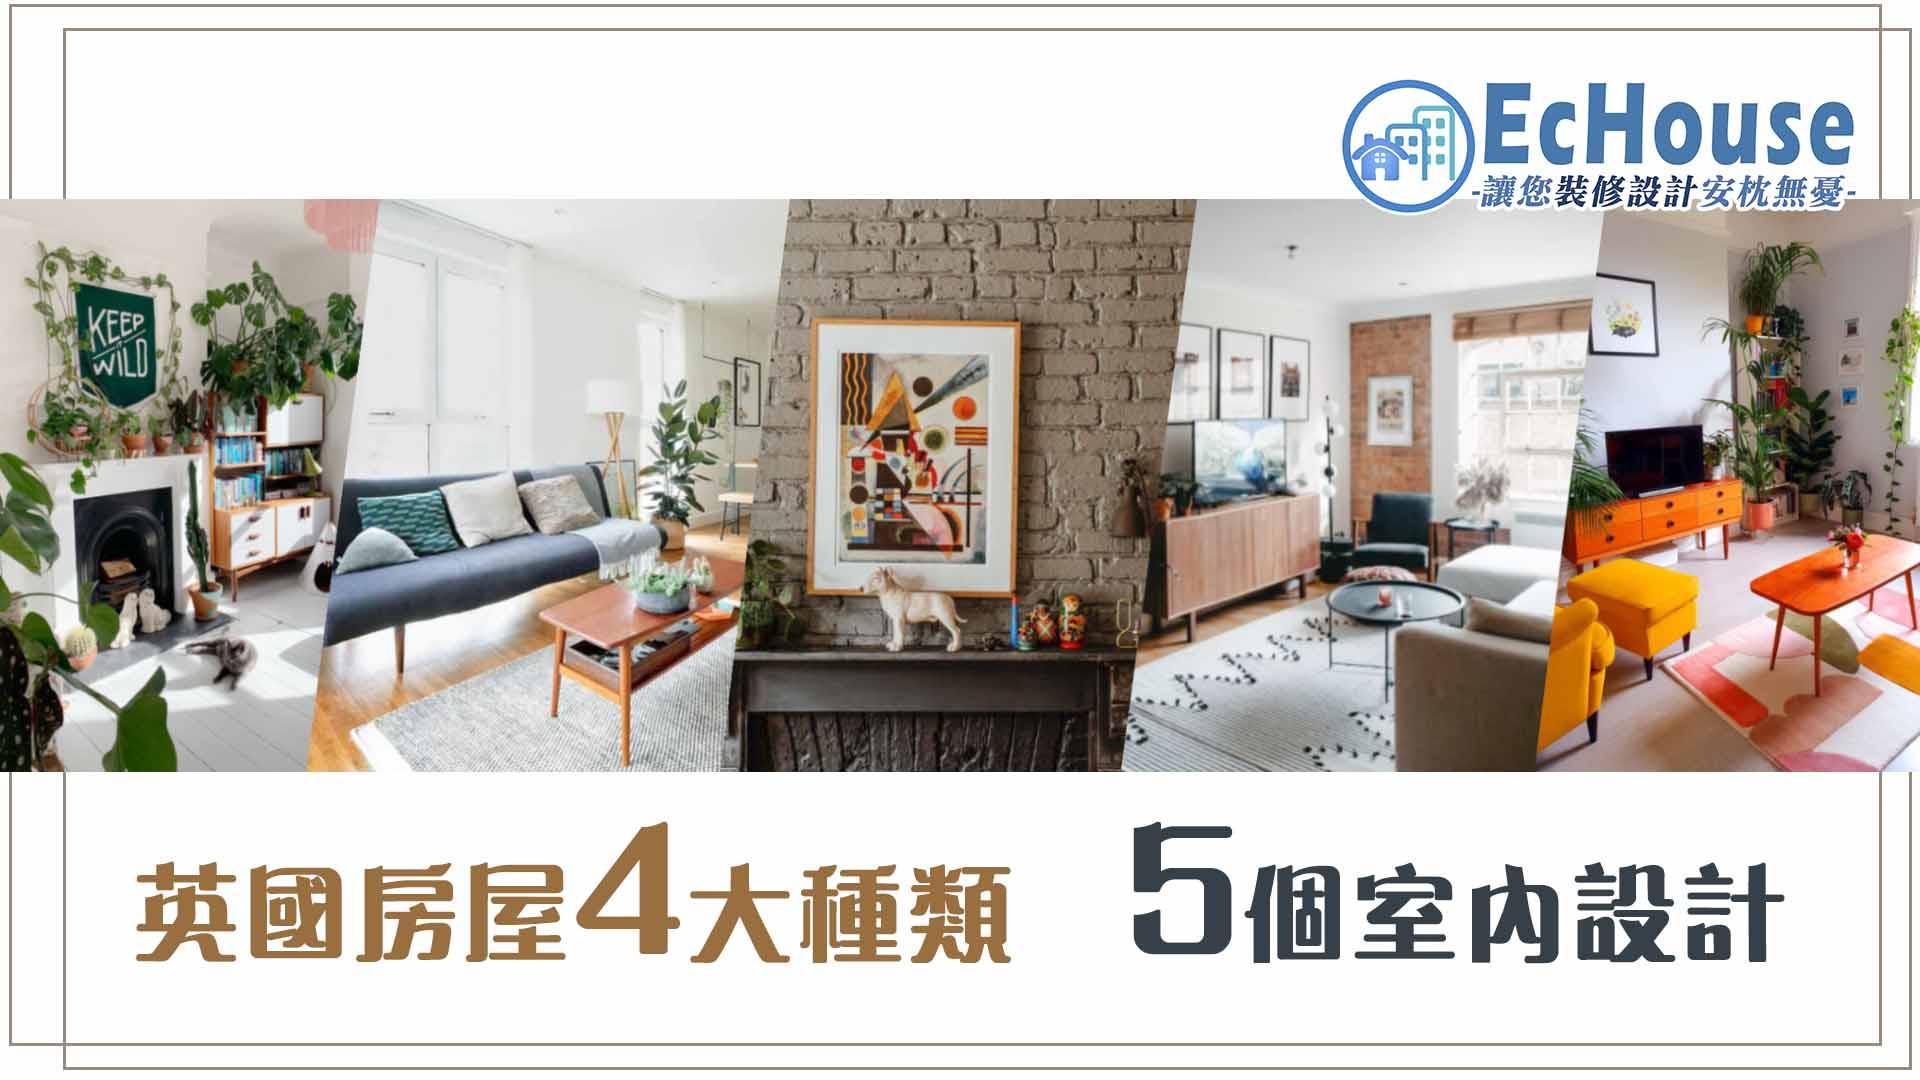 英國房屋4大種類 5個室內設計